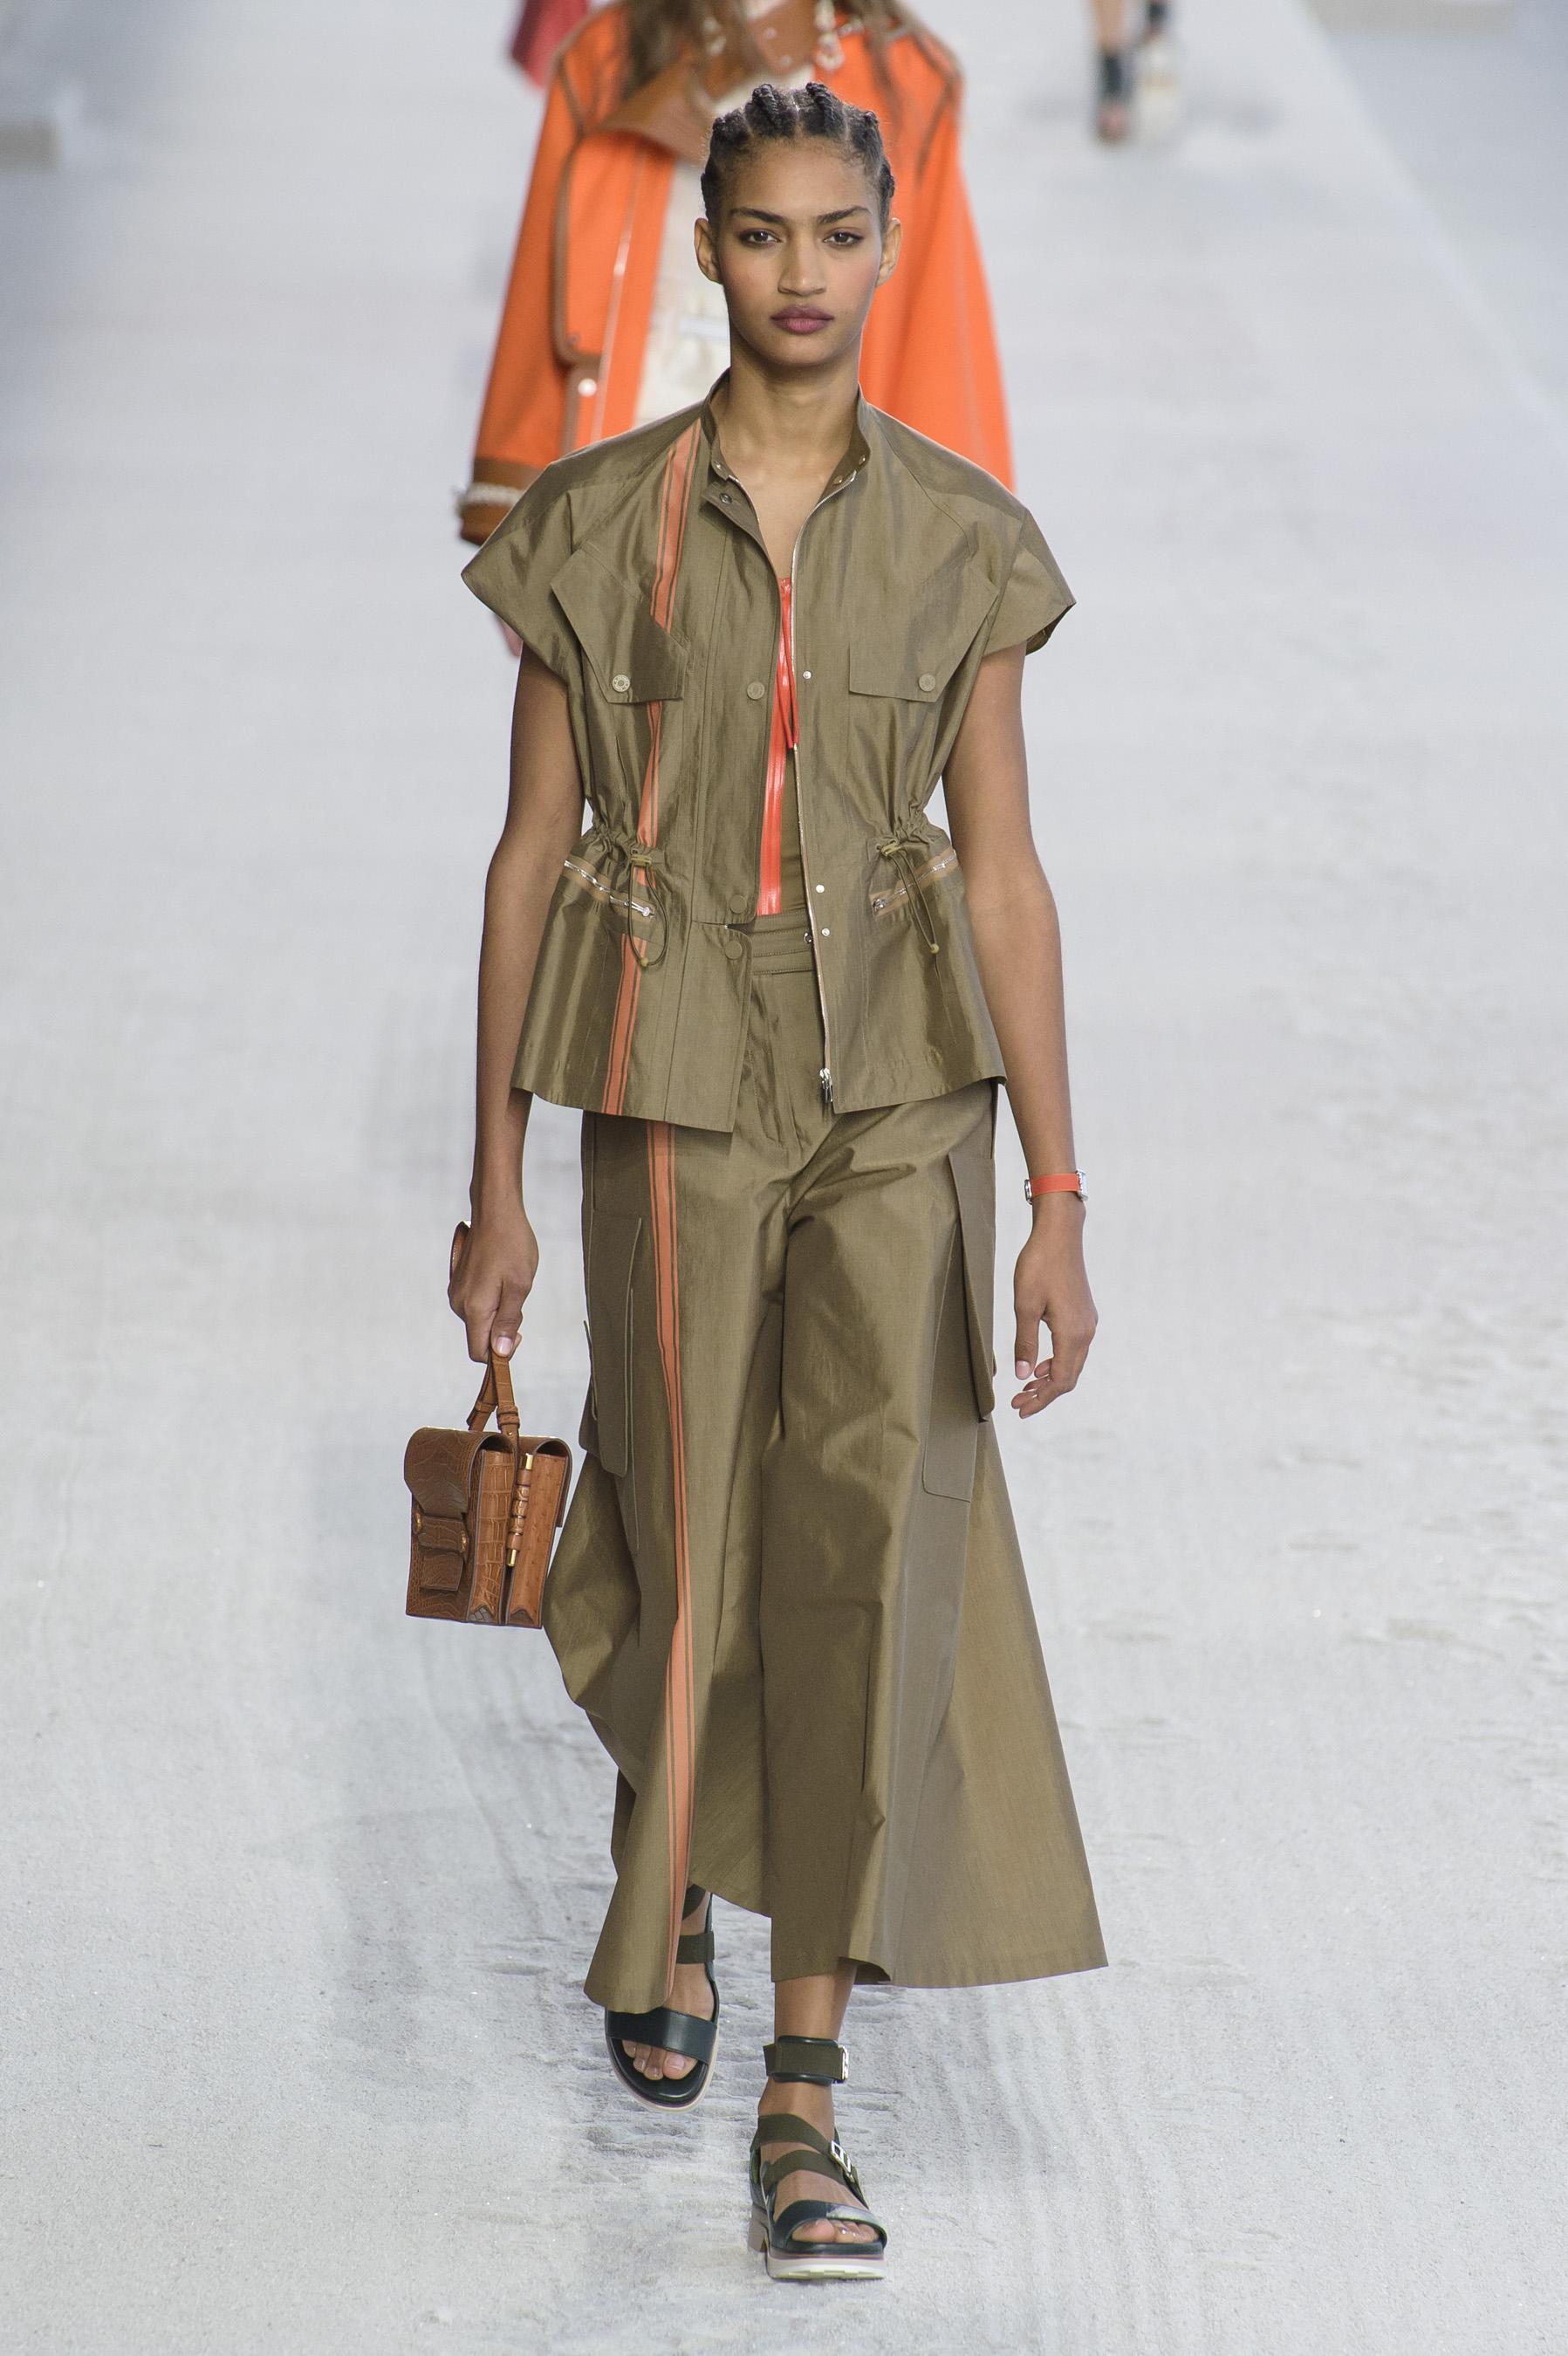 Défilé Hermès printemps-été 2019 Prêt-à-porter - Madame Figaro c885351dc41